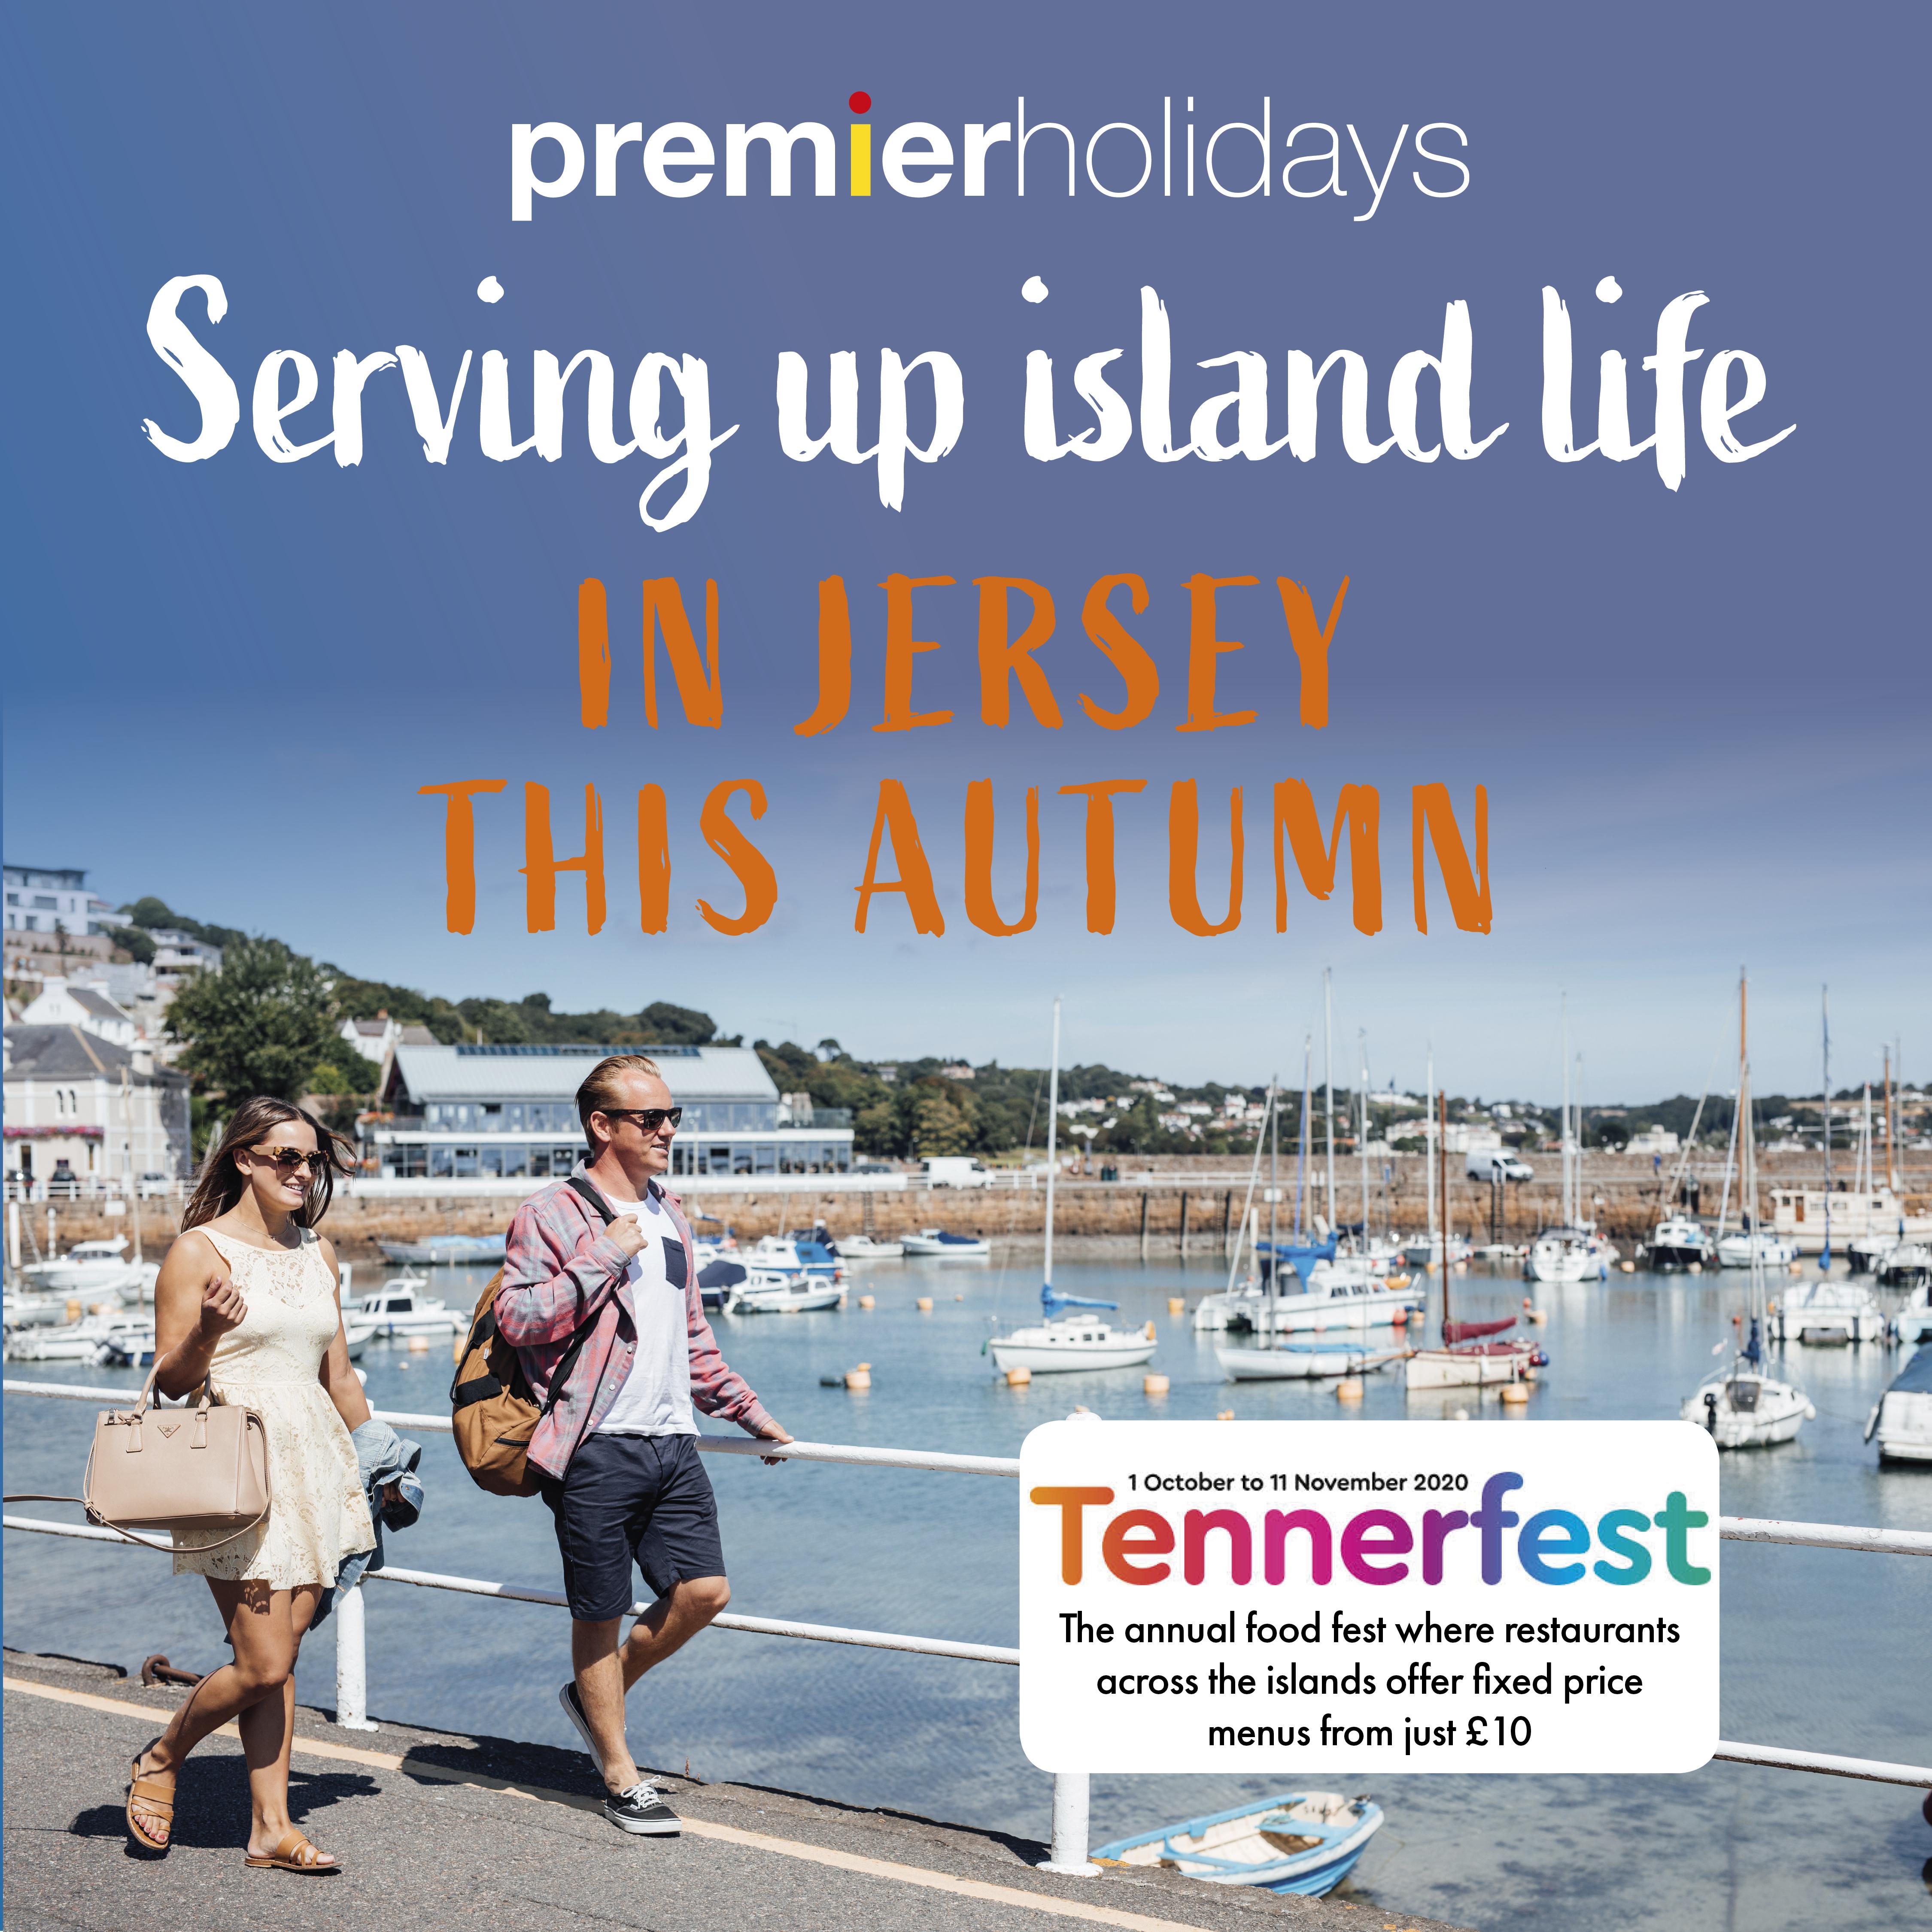 0720_2387_Jersey-Tennerfest-banner.jpg